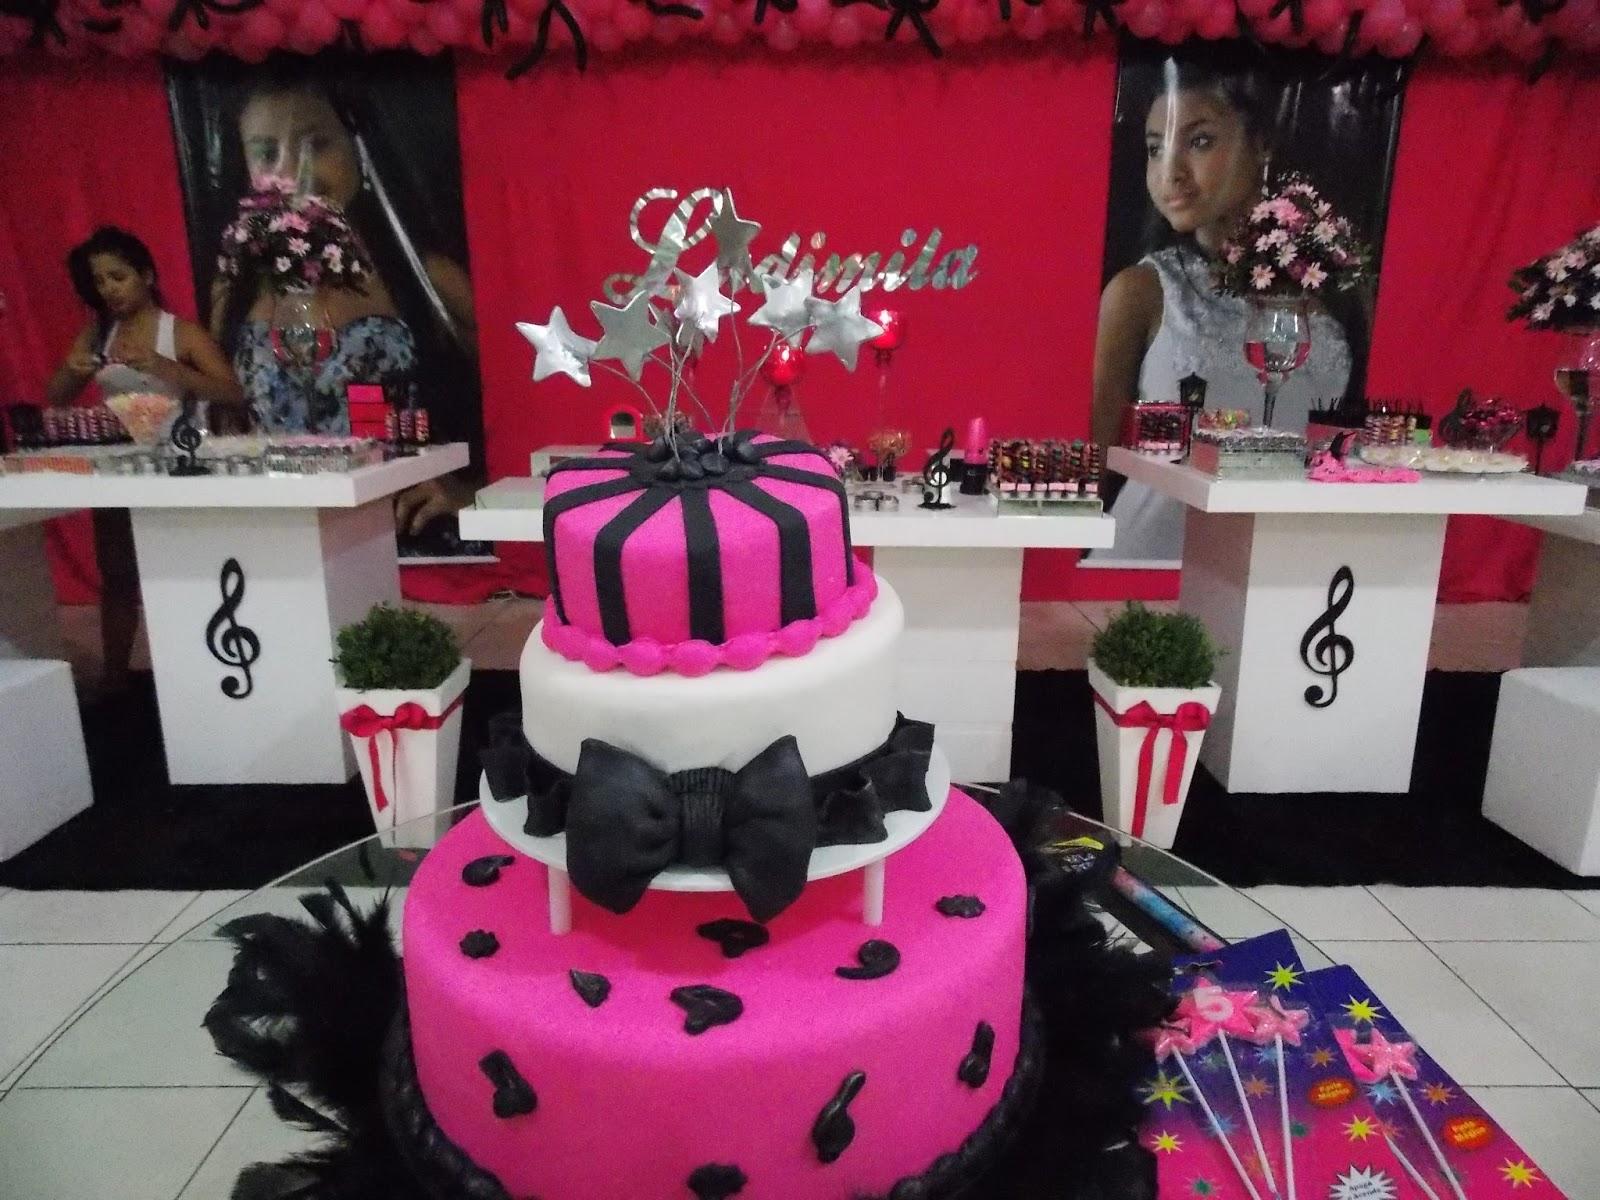 Mesa De Feliz Aniversario Bolo Para Sobrinha Imagens: Você Na Festa: Pink E Preto Teen